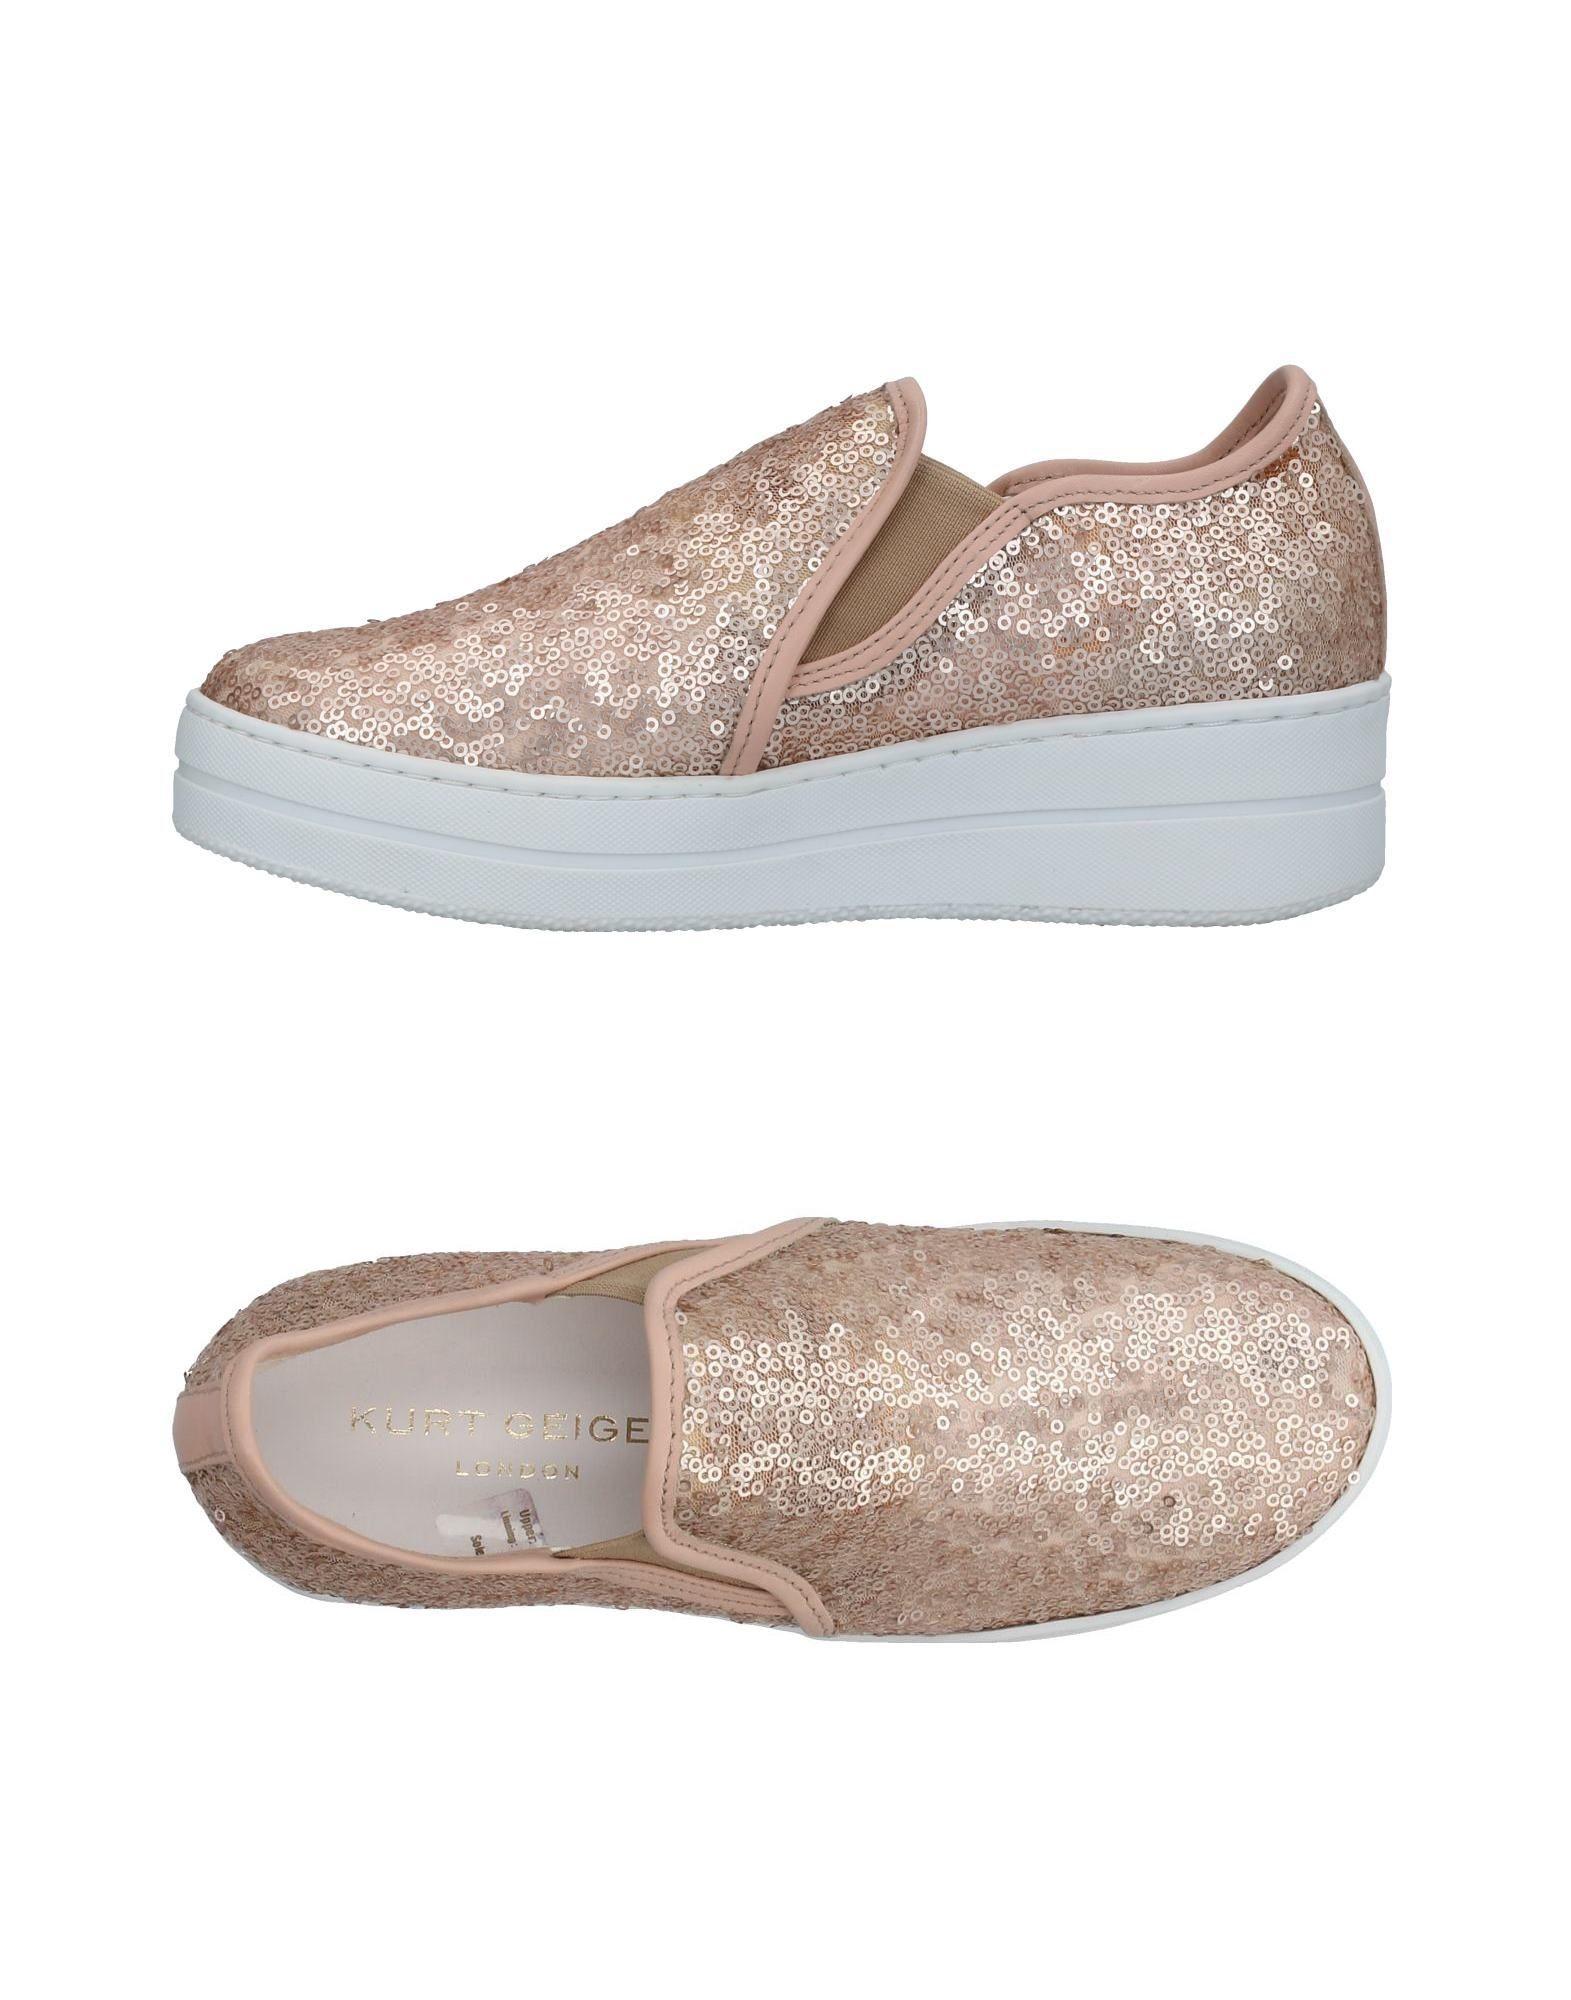 Kurt Geiger Sneakers Damen  11391171RX Gute Qualität beliebte Schuhe